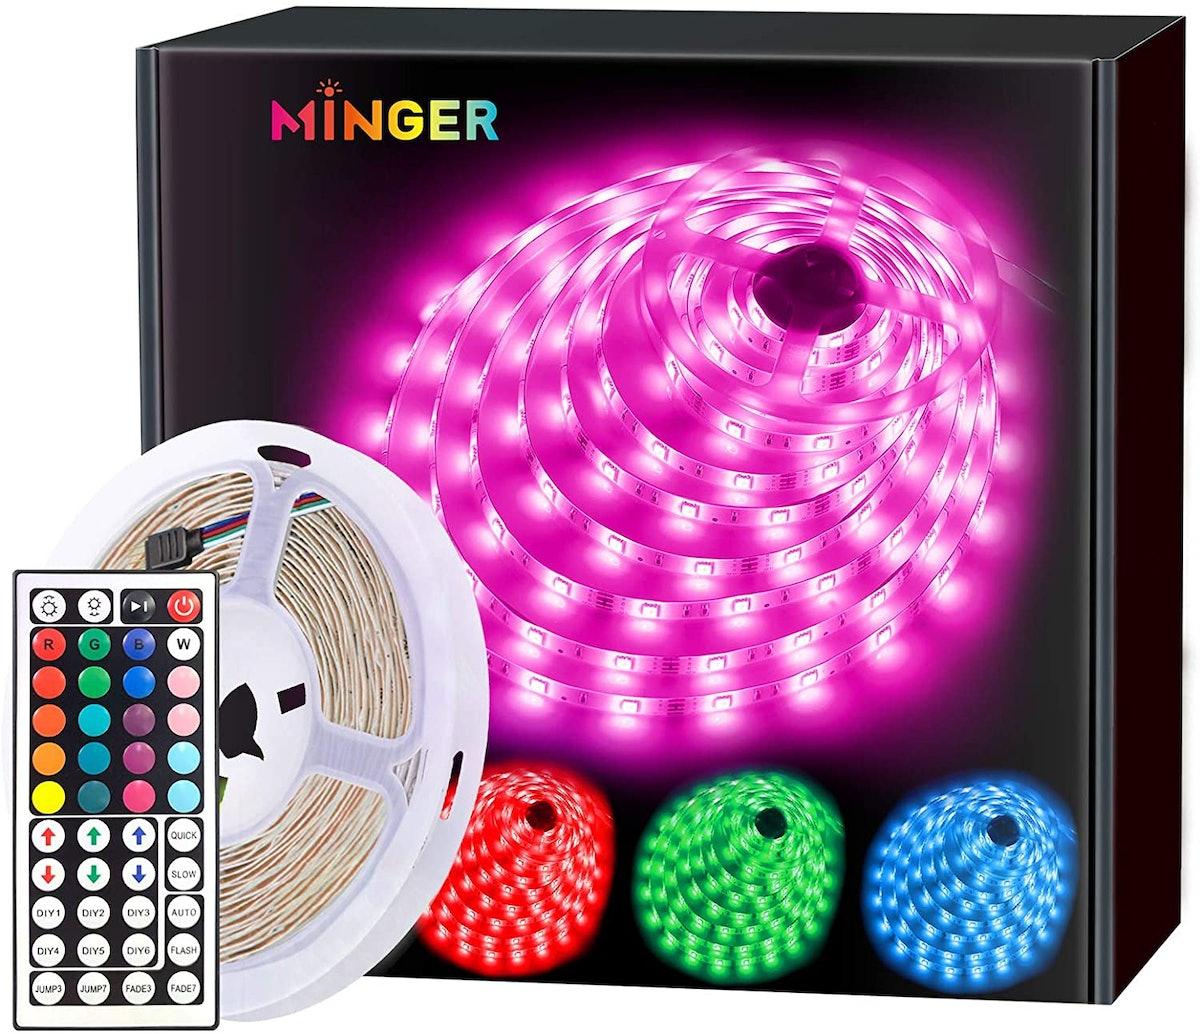 MINGER LED Strip Light (16.4ft)